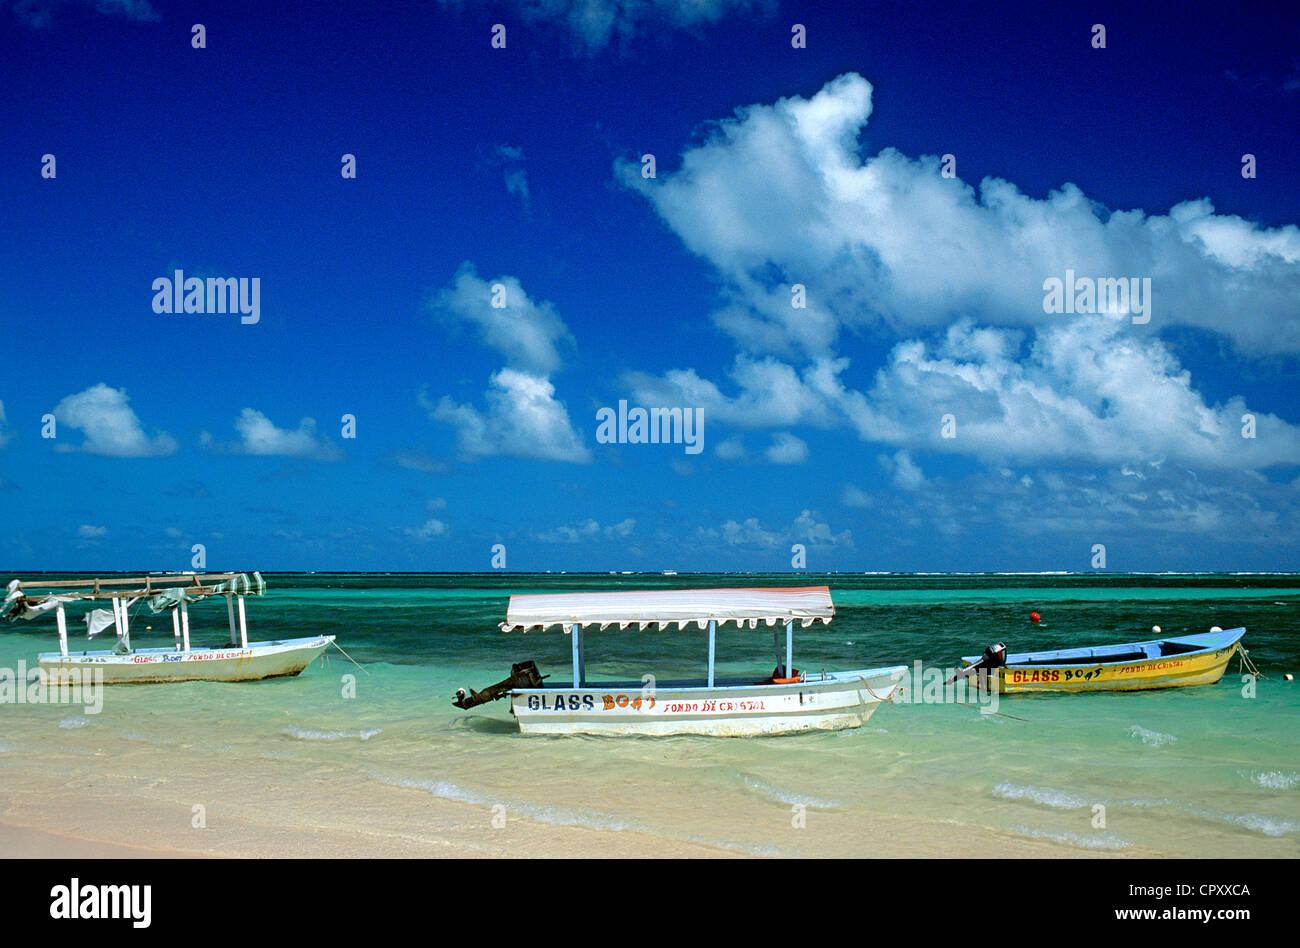 République dominicaine, province de La Altagracia, Punta Cana, l'amarrage des bateaux Photo Stock